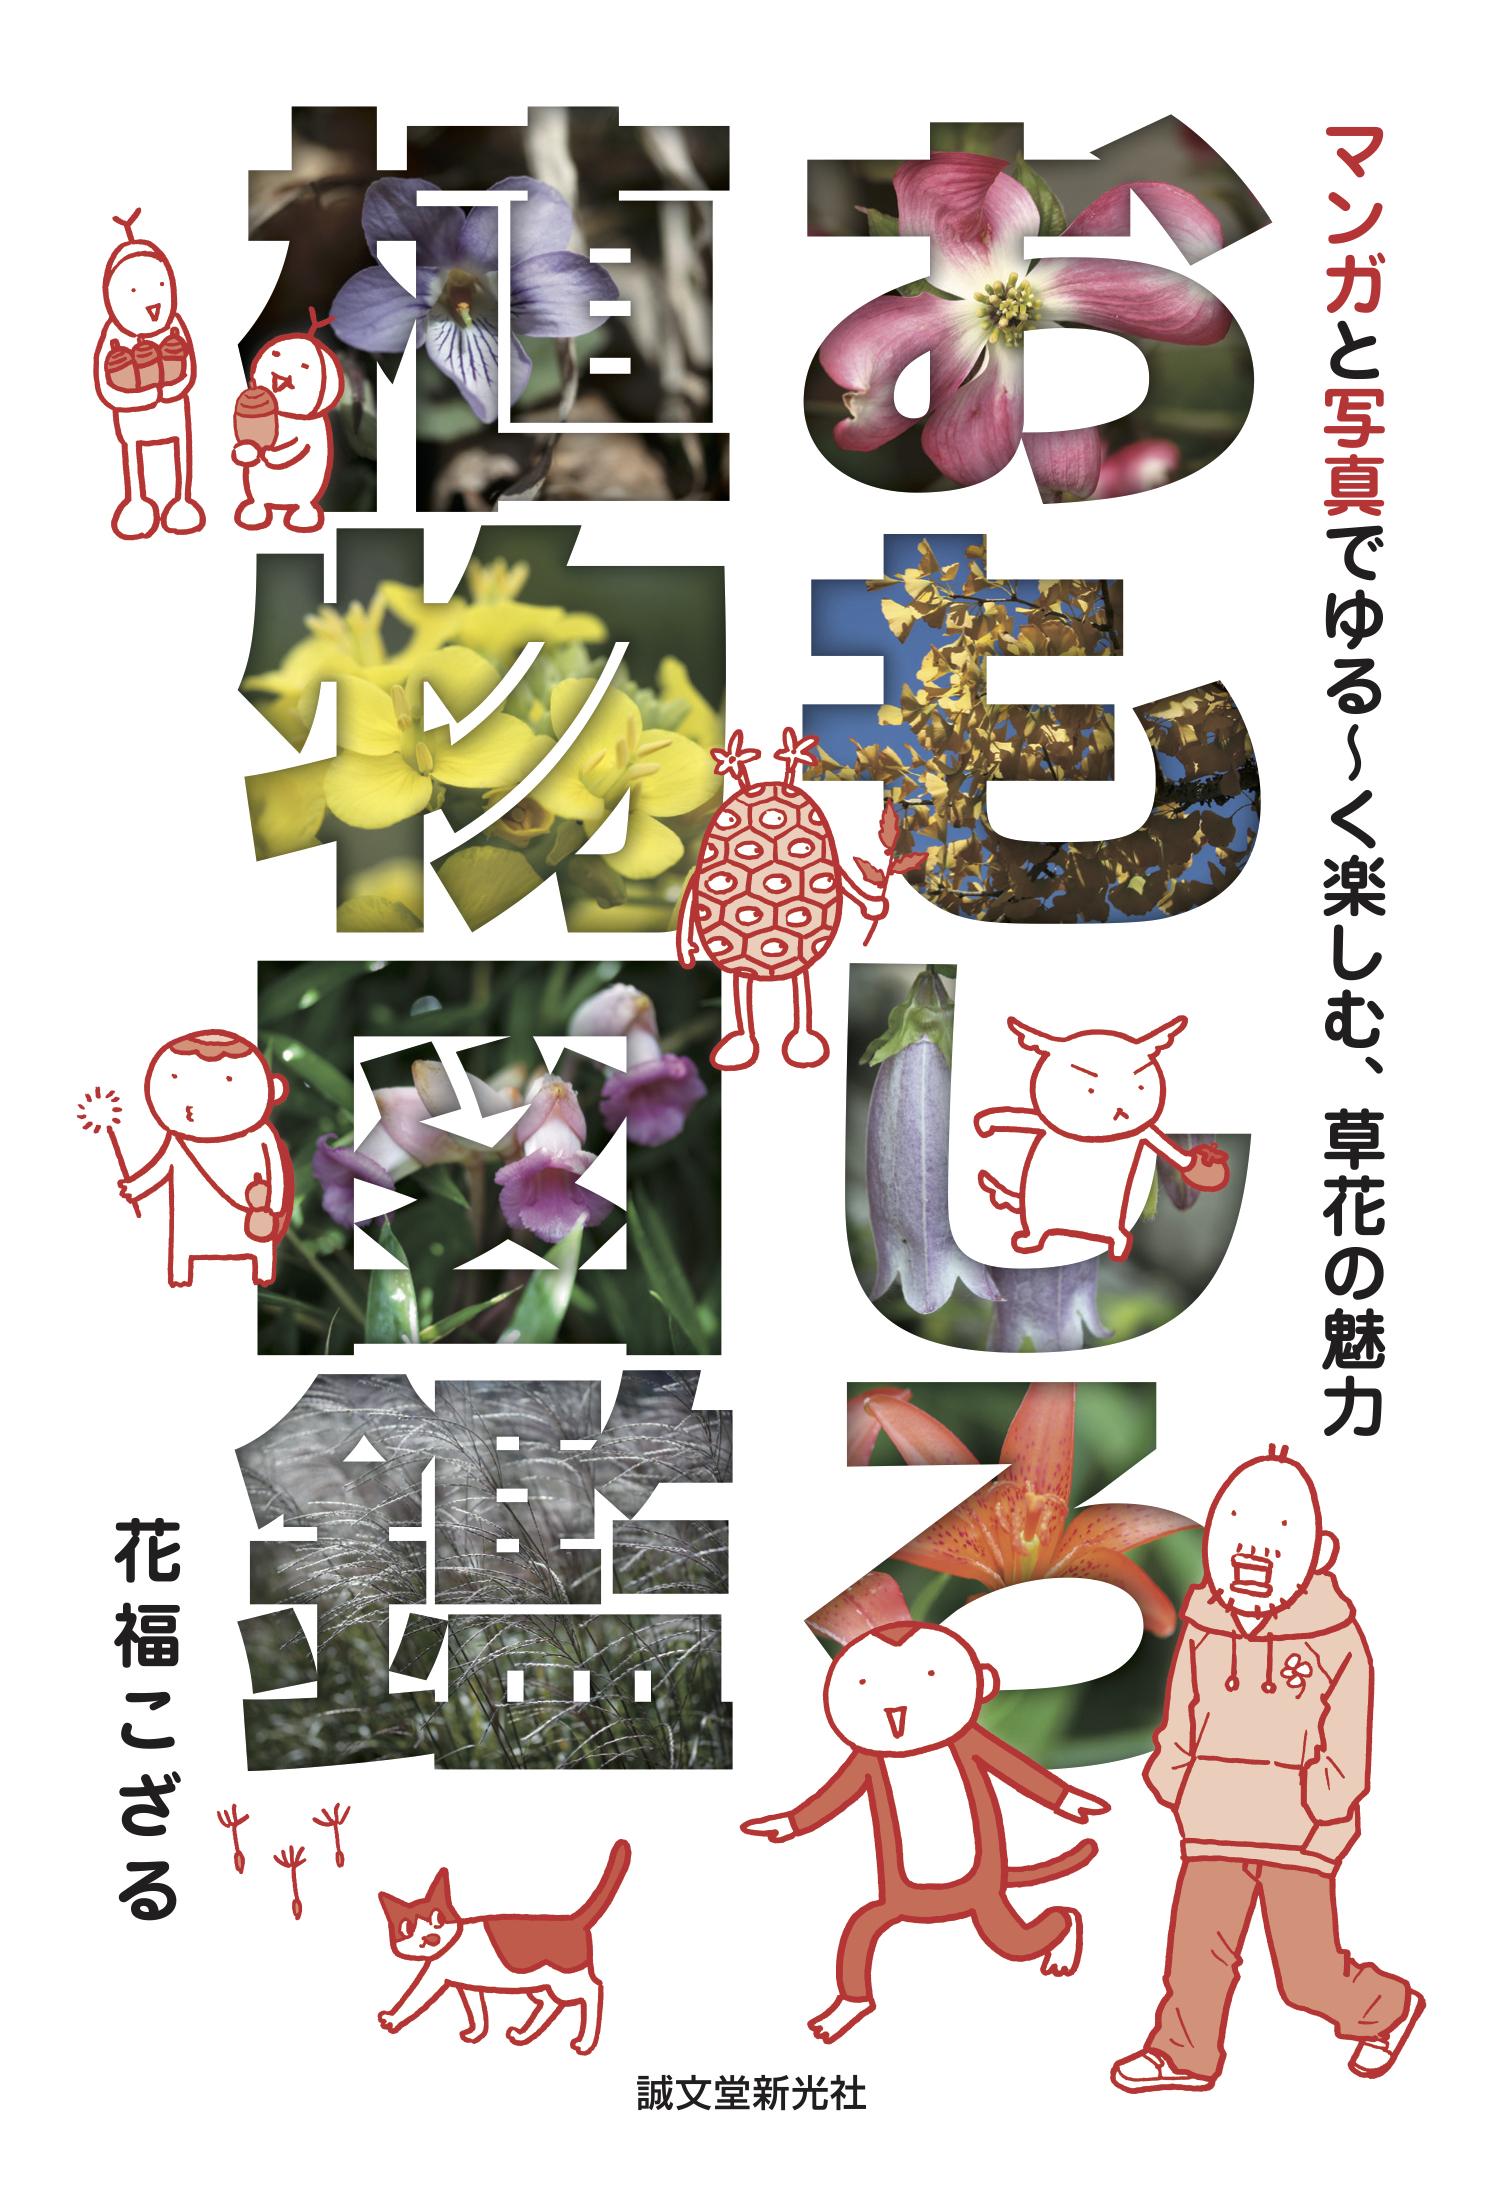 [書籍]『おもしろ植物図鑑』 - 画像1